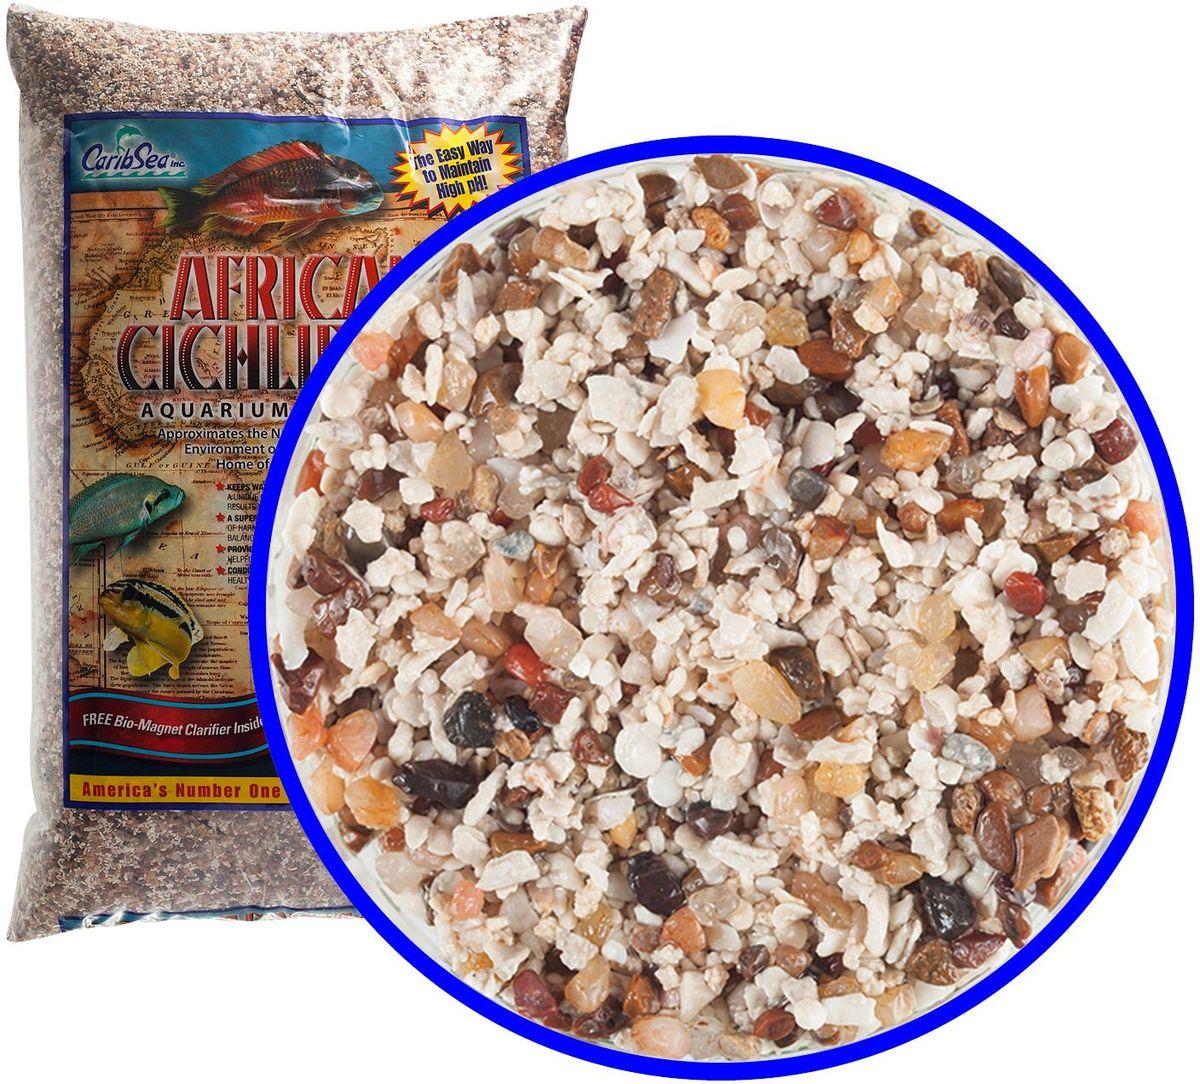 Аквагрунт пресноводный Caribsea Ivory Coast Sand, цвет: мульти, 1-2,5 мм00223Аквариумный грунт премиум-класса для цихлид. Аквариумный грунт соотвецтвует естественному высокому уровню pH и щелочности среды в африканских рифовых озерах- родине цихлид. Смесь цвета ассорти. Размер 1-1,5 мм.